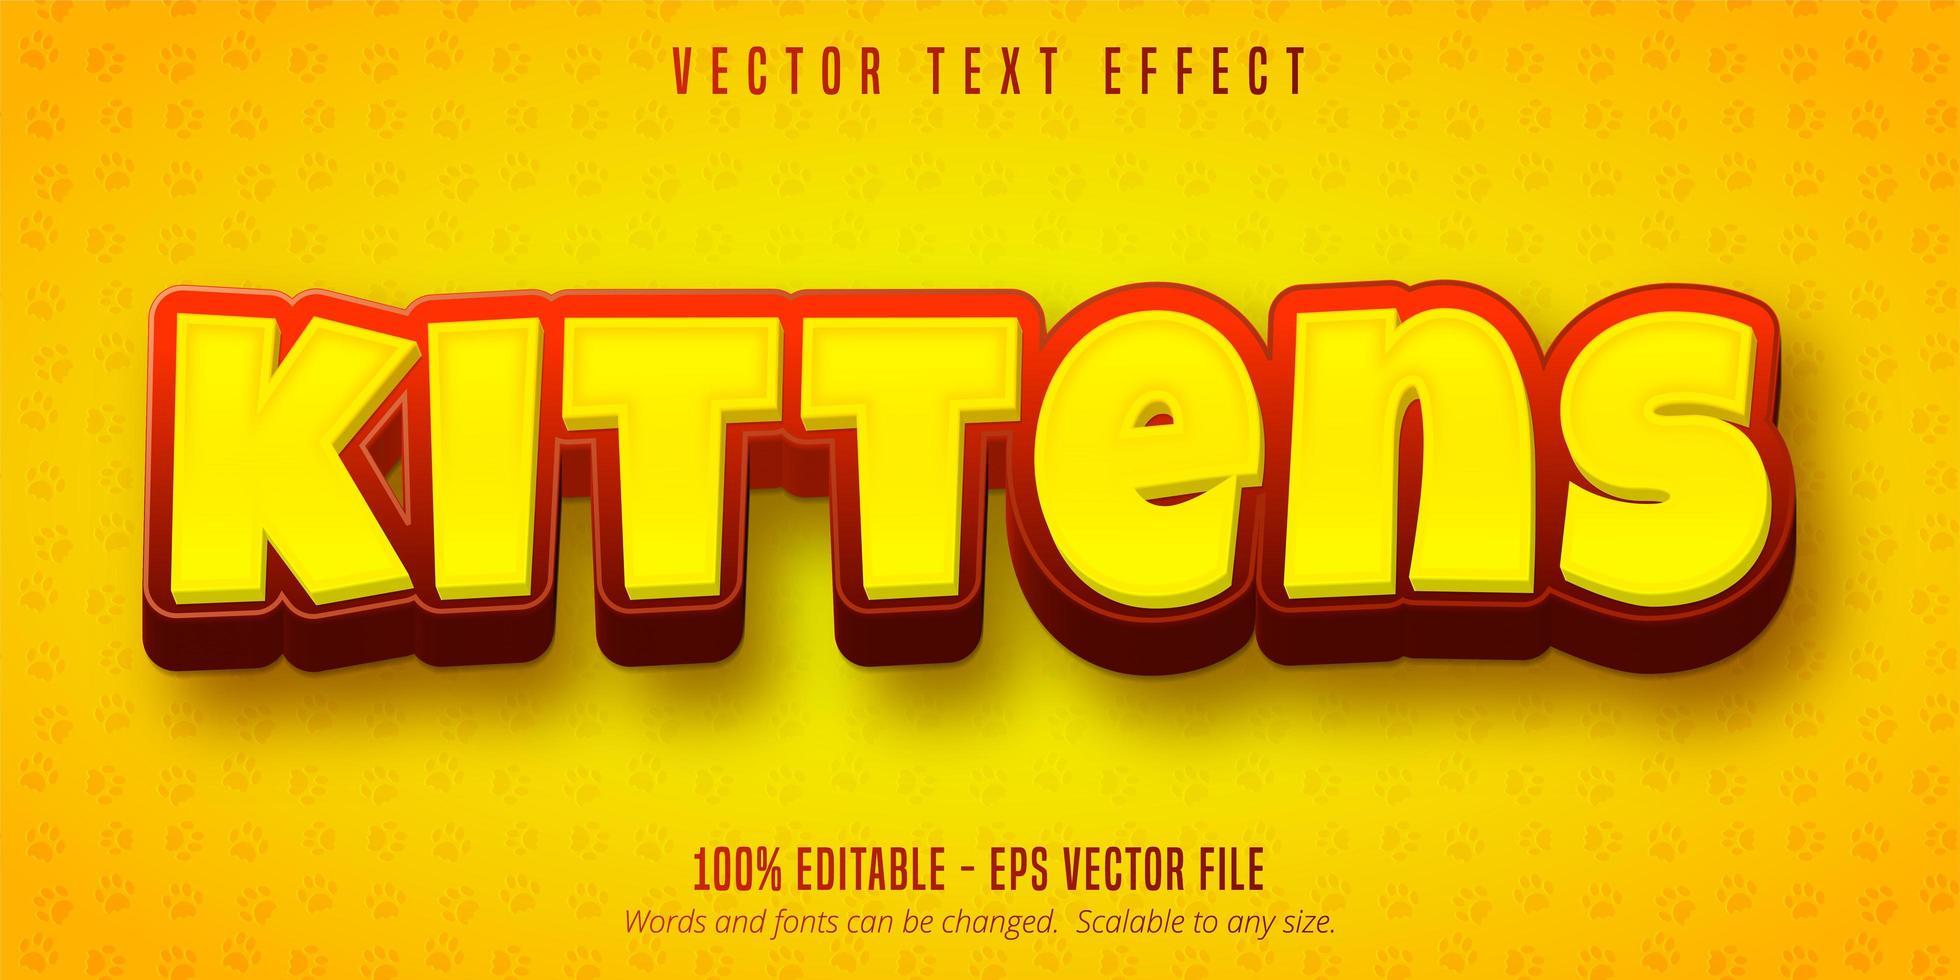 gul och röd kattunge text vektor